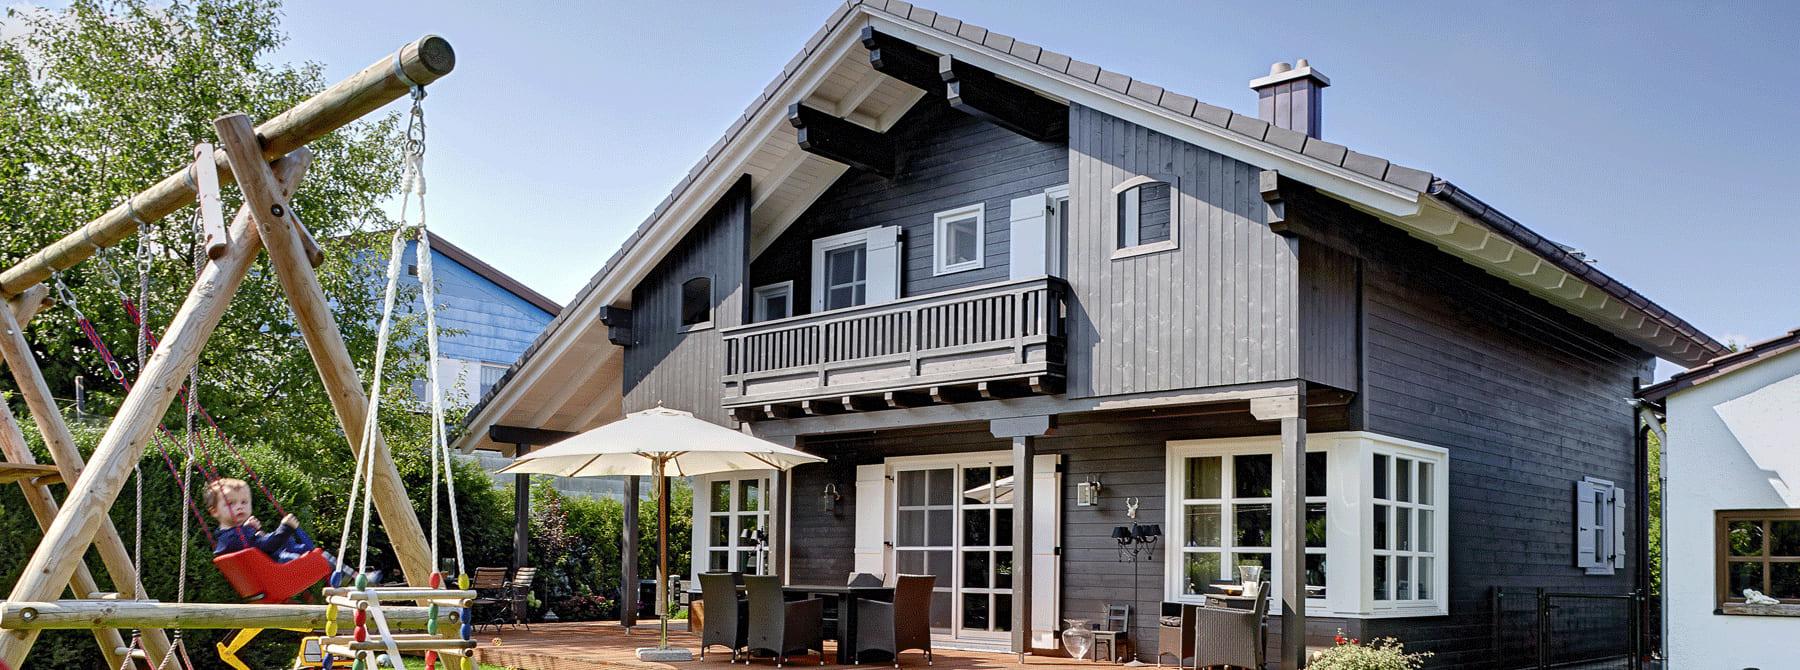 landhaus bauen sie ihr holzhaus passivhaus plusenergiehaus mit sonnleitner. Black Bedroom Furniture Sets. Home Design Ideas